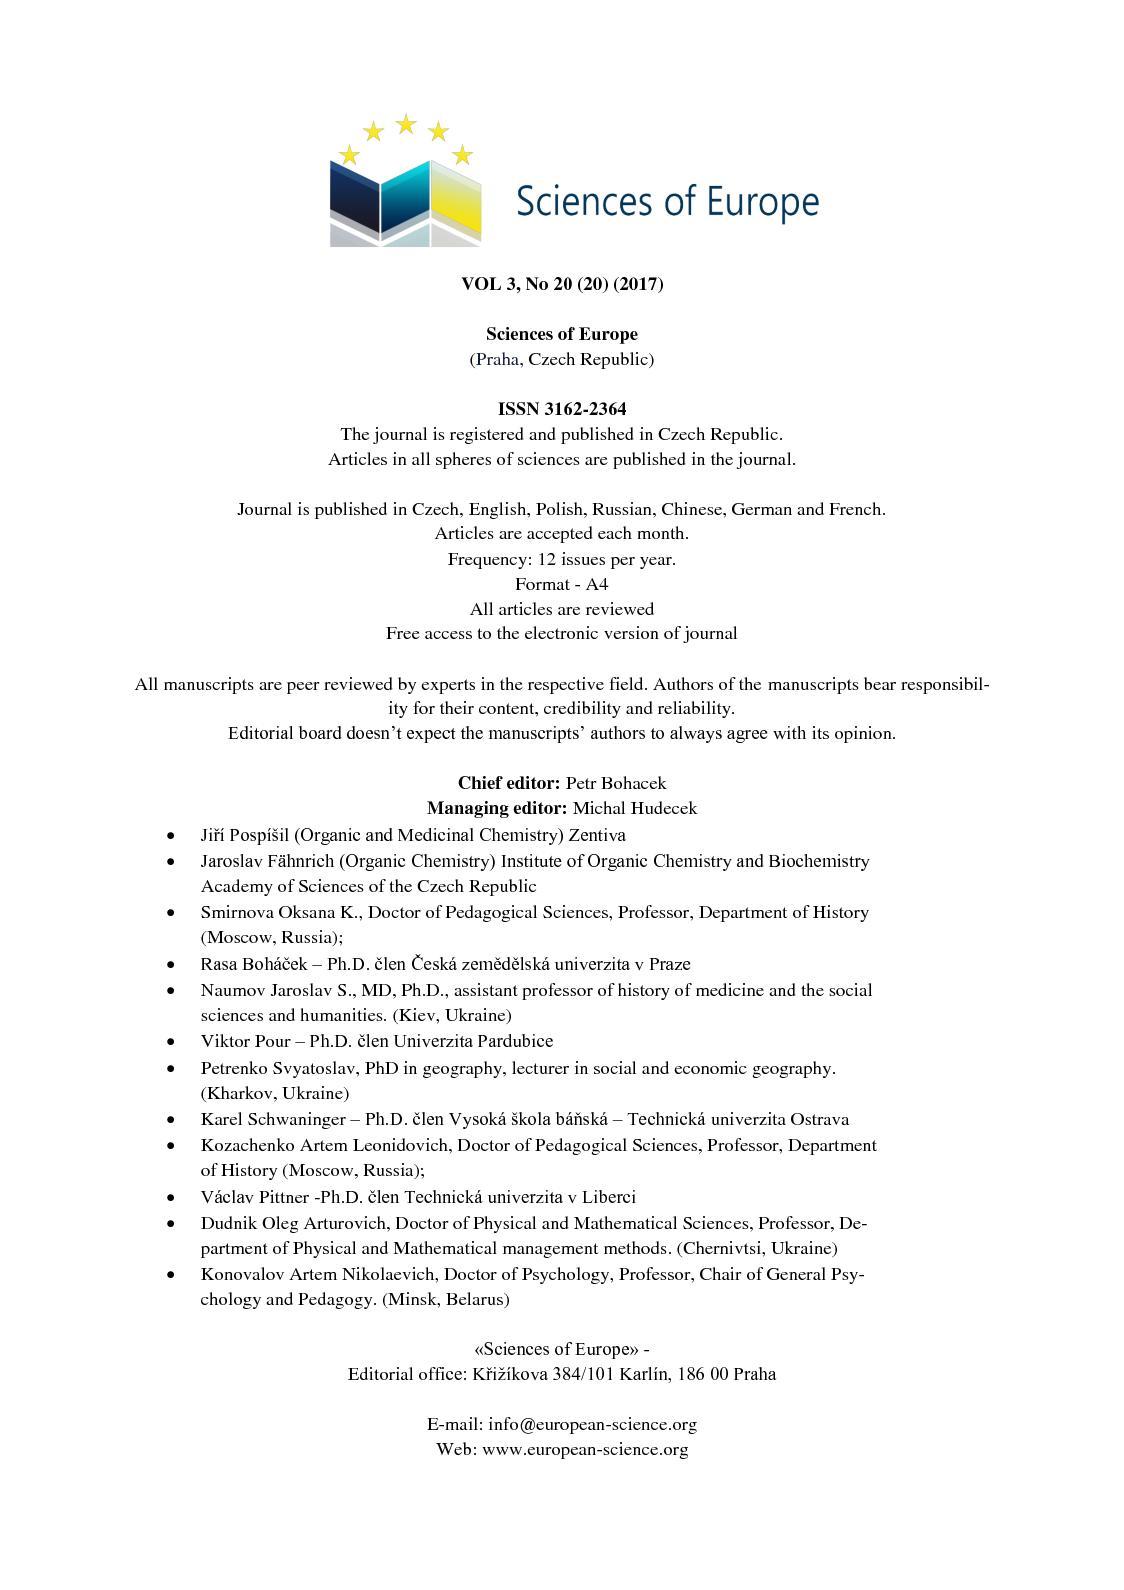 Calaméo - VOL 3 No 20 20 2017 19d271419eb